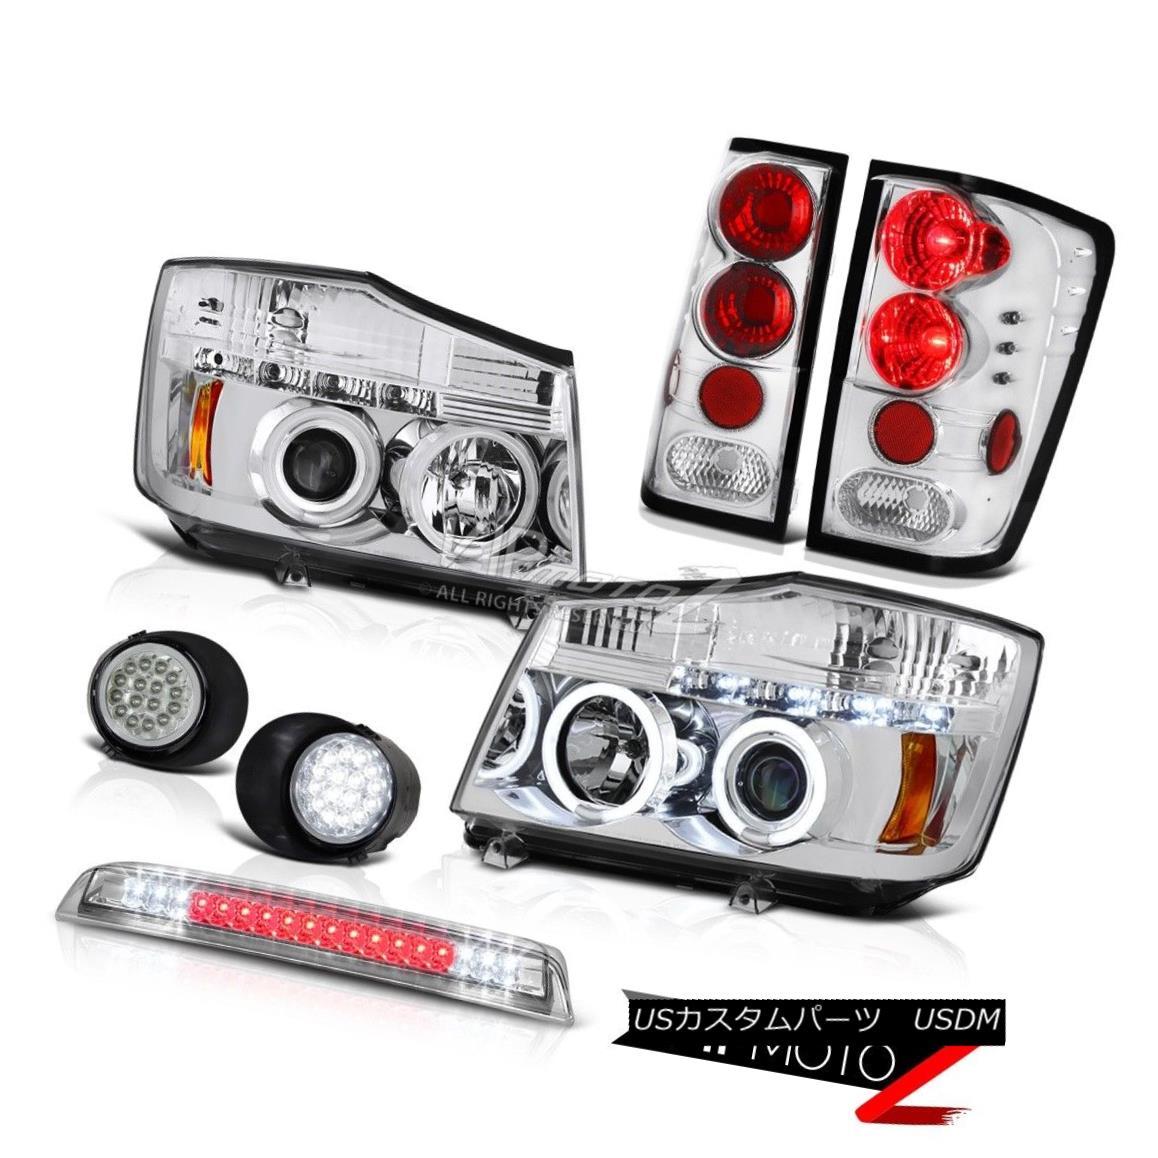 ヘッドライト Euro CCFL Headlight Tail Lamp Fog Roof Stop LED Clear For 2004-2015 Titan SL ユーロCCFLヘッドライトテールランプ霧屋根停止LEDクリア2004-2015タイタンSL